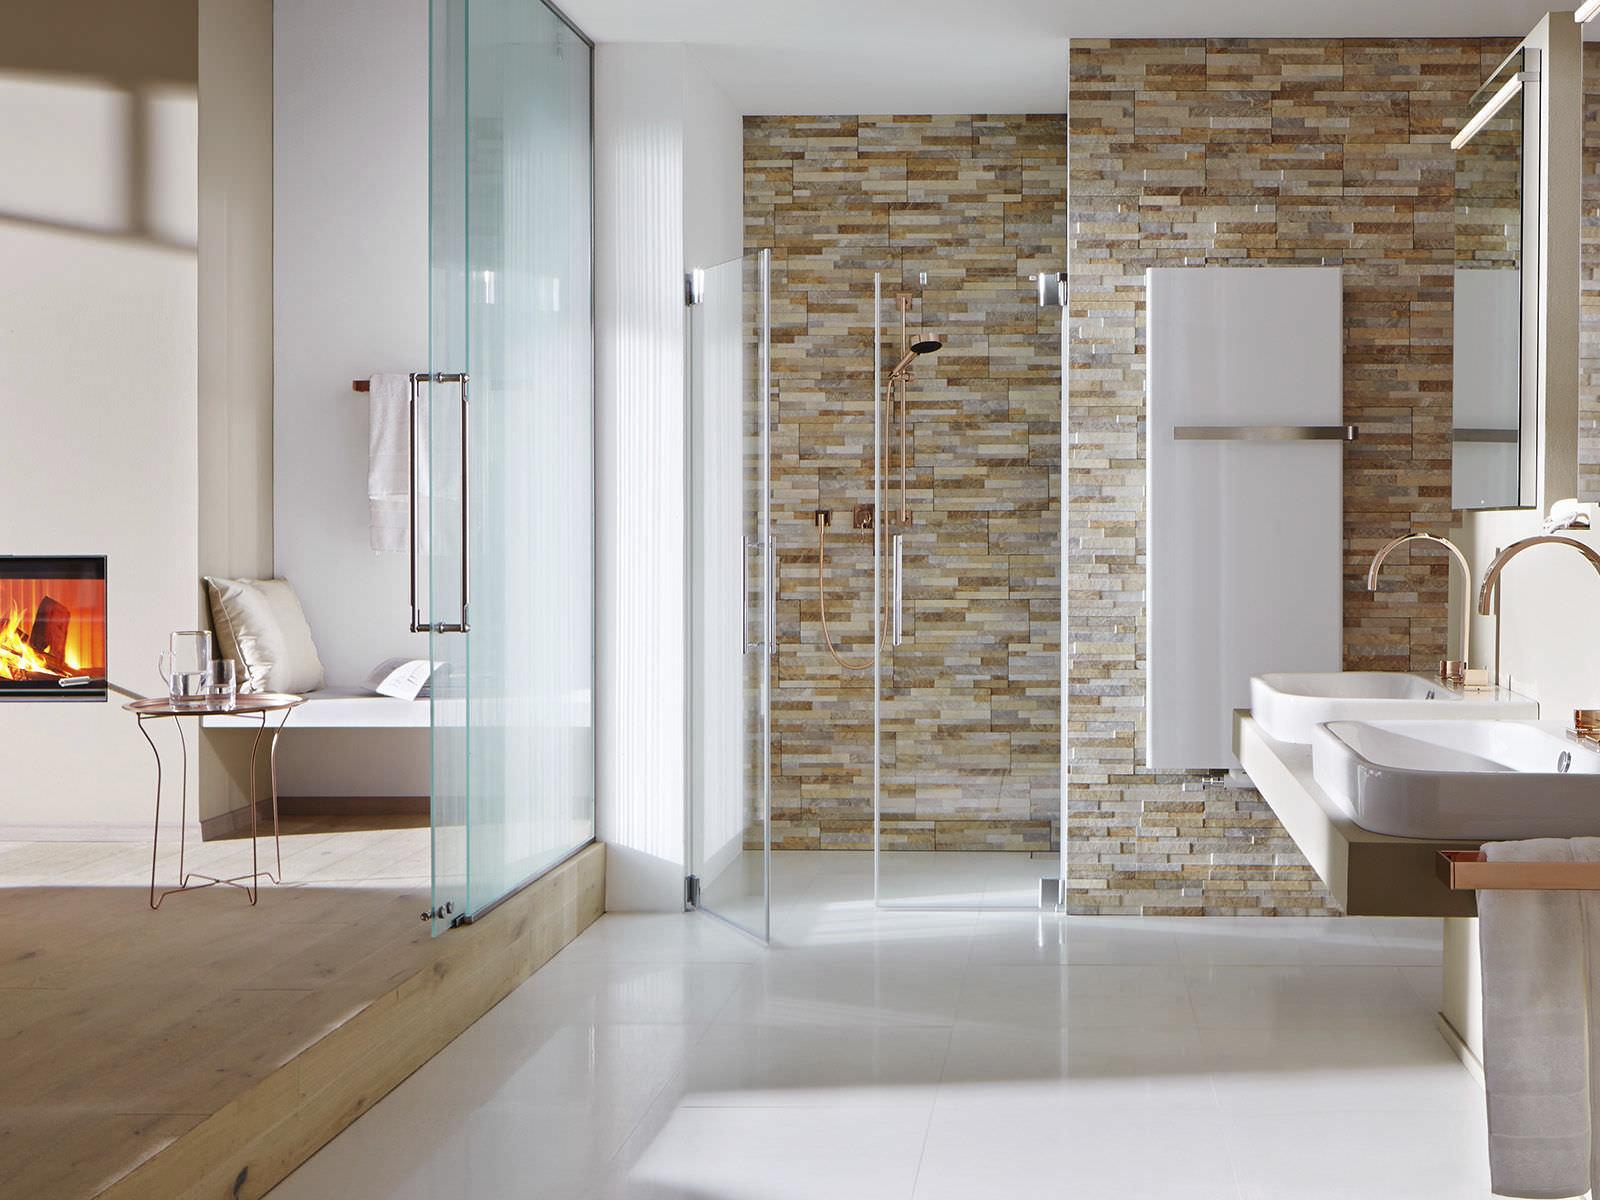 salle de bain plaquette de parement destin plaquette de parement en grs crame colore 100 recyclable - Salle De Bain Avec Pierre De Parement